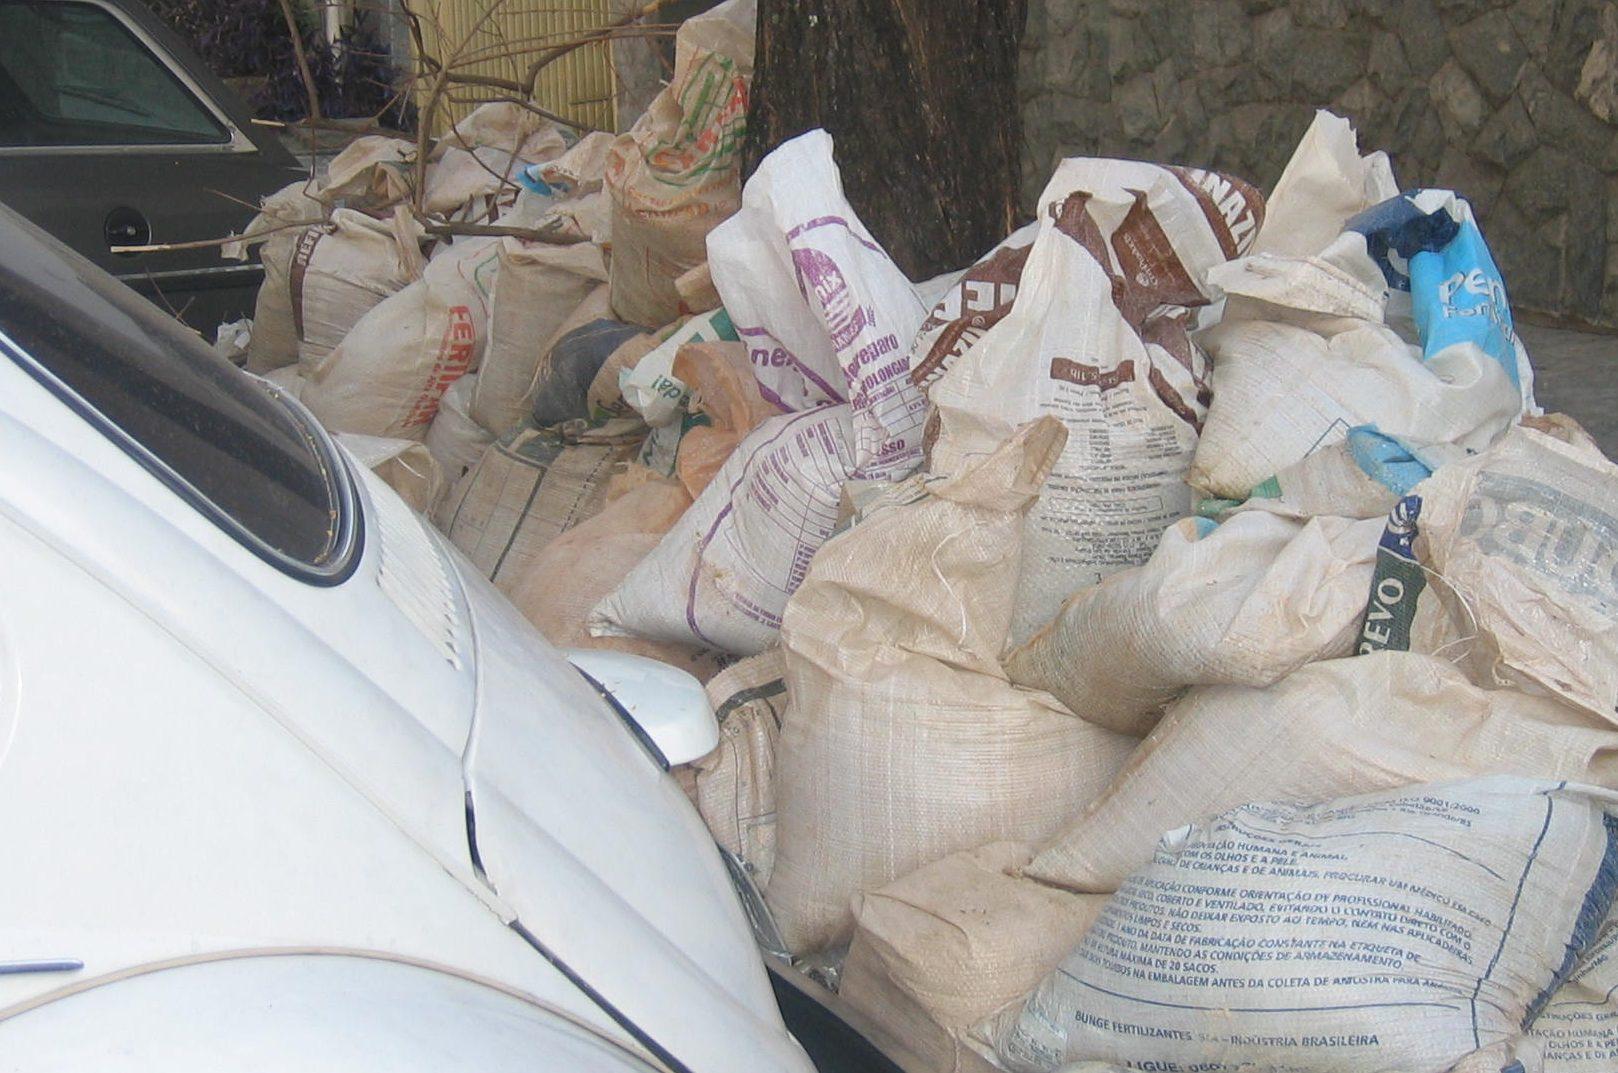 Síndico deve orientar descarte adequado de resíduos de obras